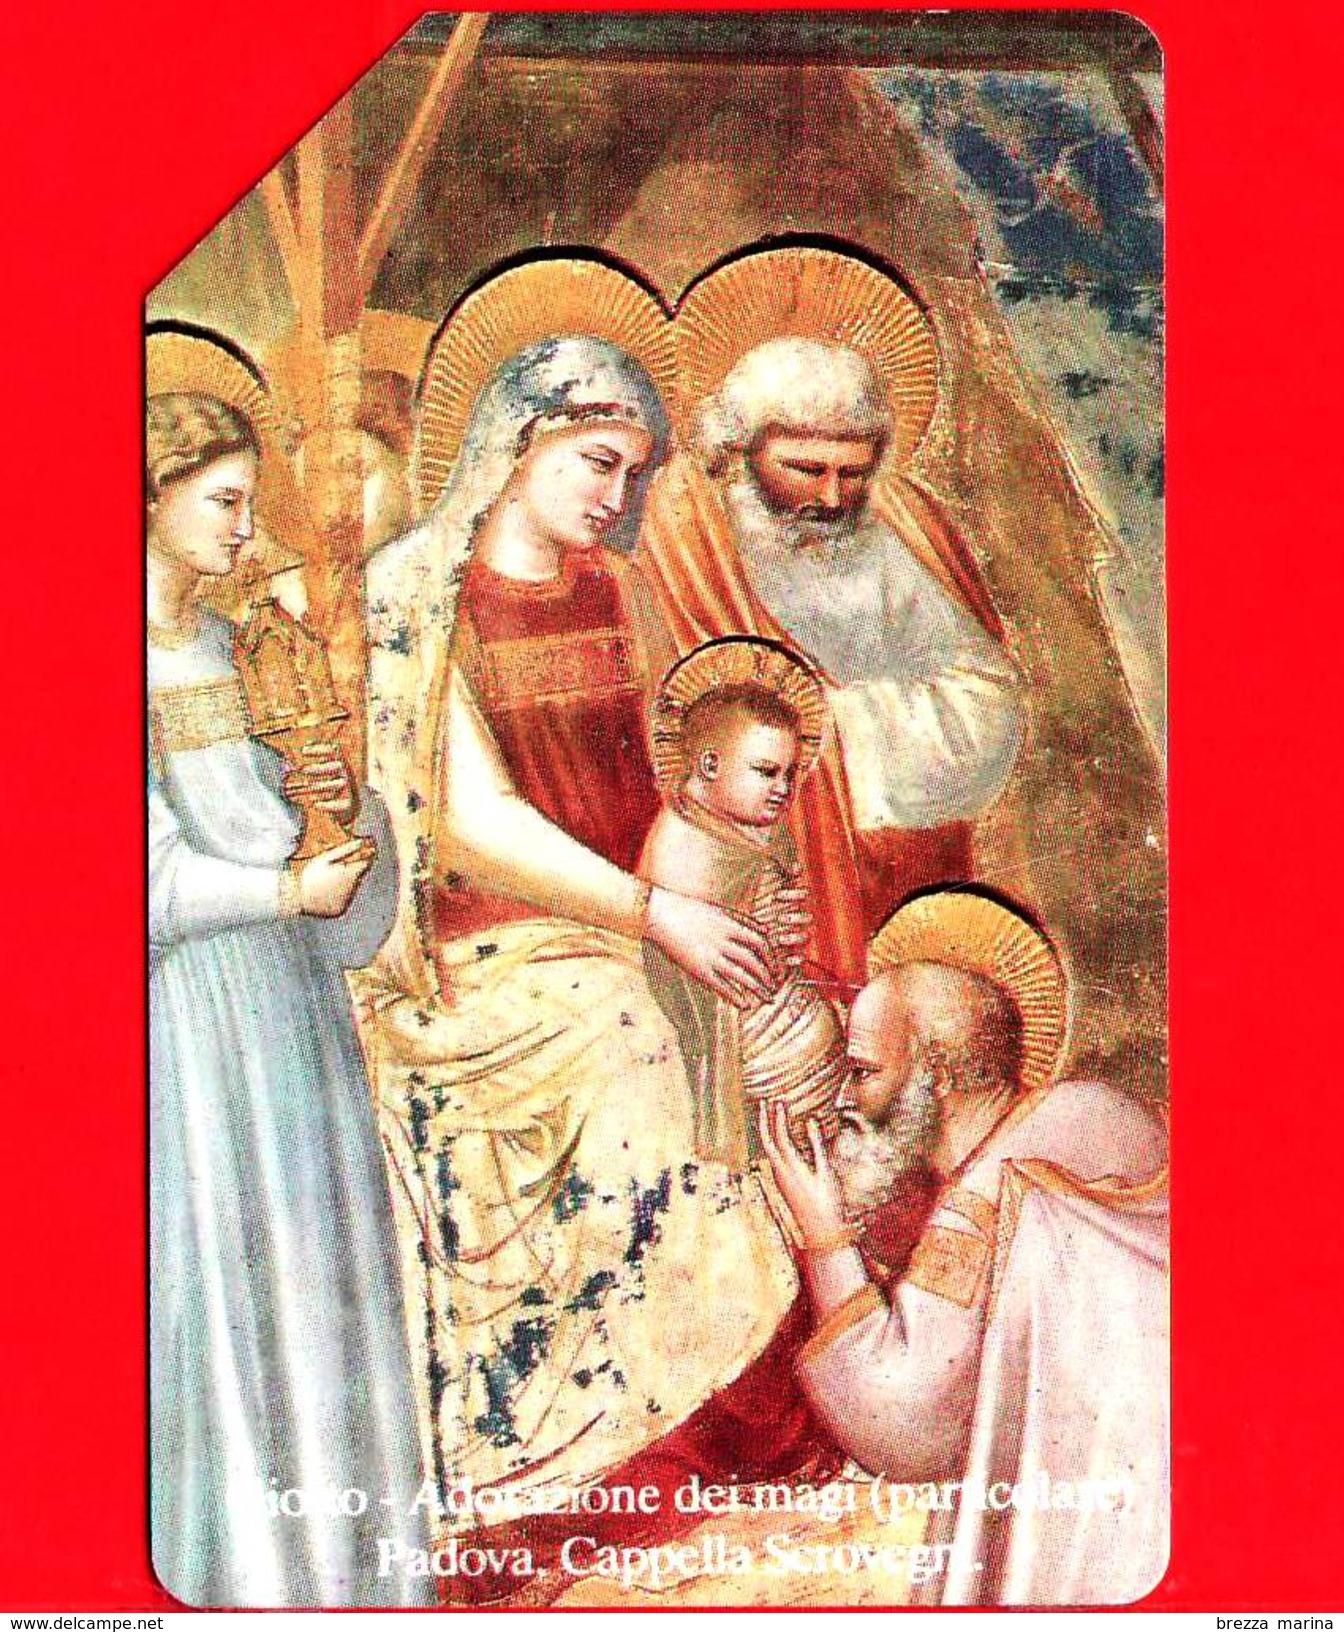 ITALIA - Scheda Telefonica - SIP - Usata - Natale 1991 - Giotto - C&C 2246 - Golden 189 - Ocr 17 - Italia